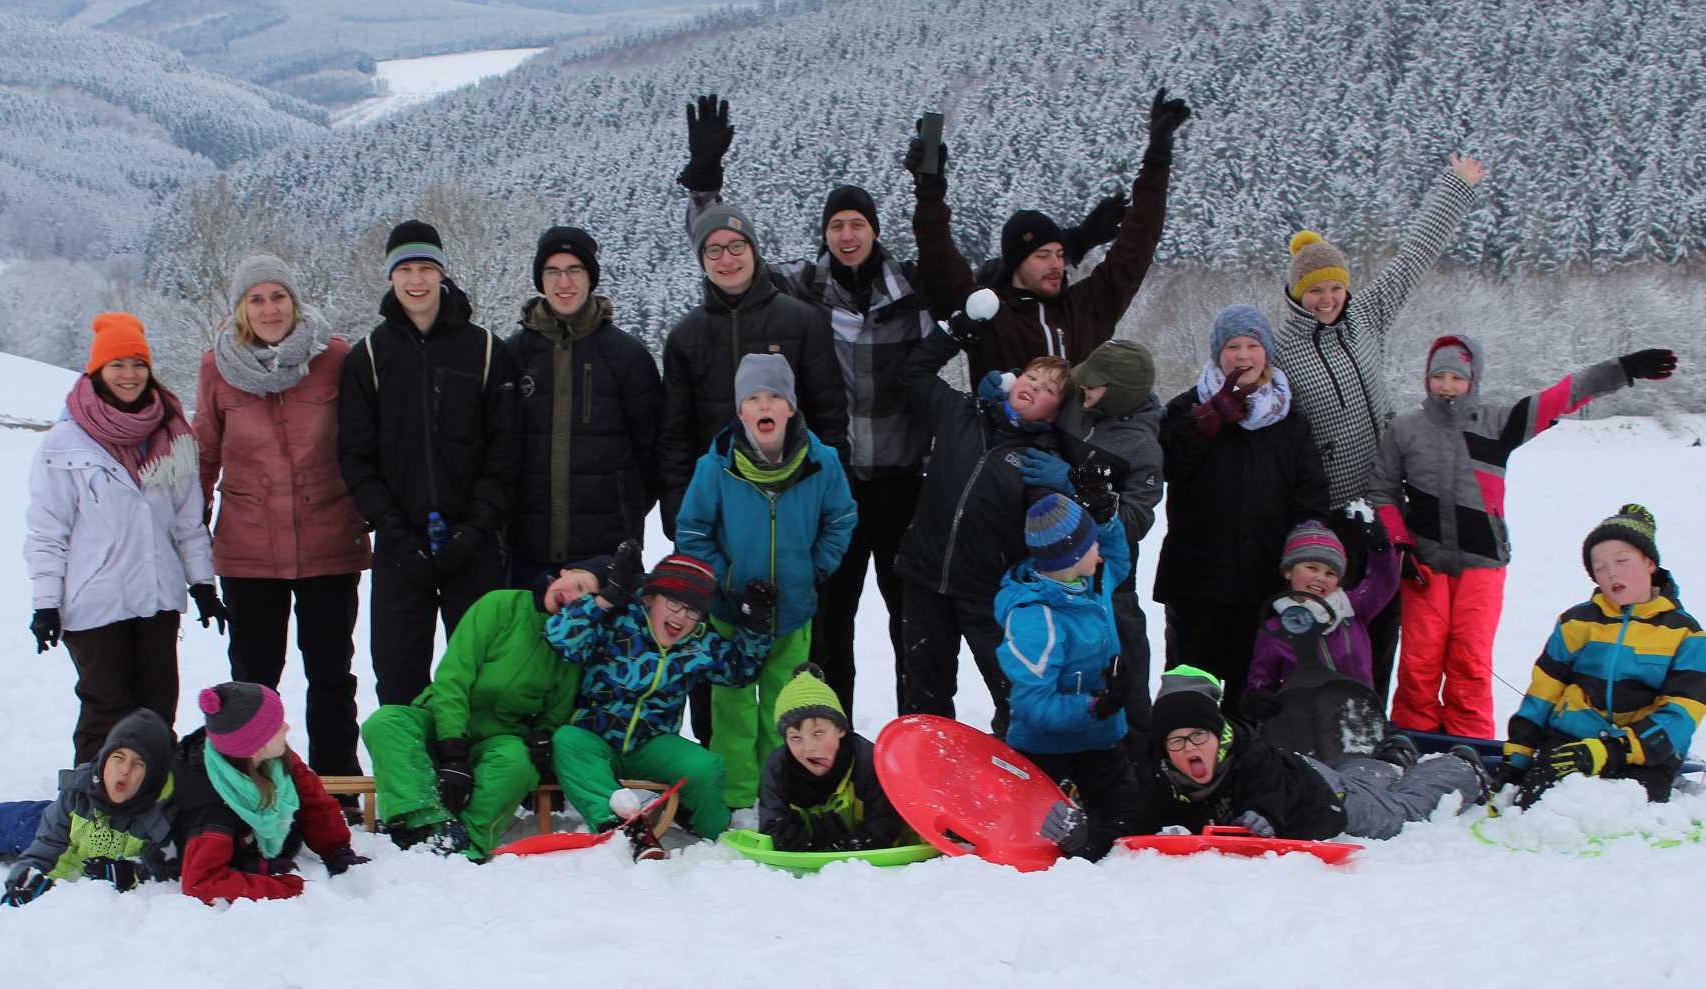 Winterwochenende 2018 in Sundern-Allendorf